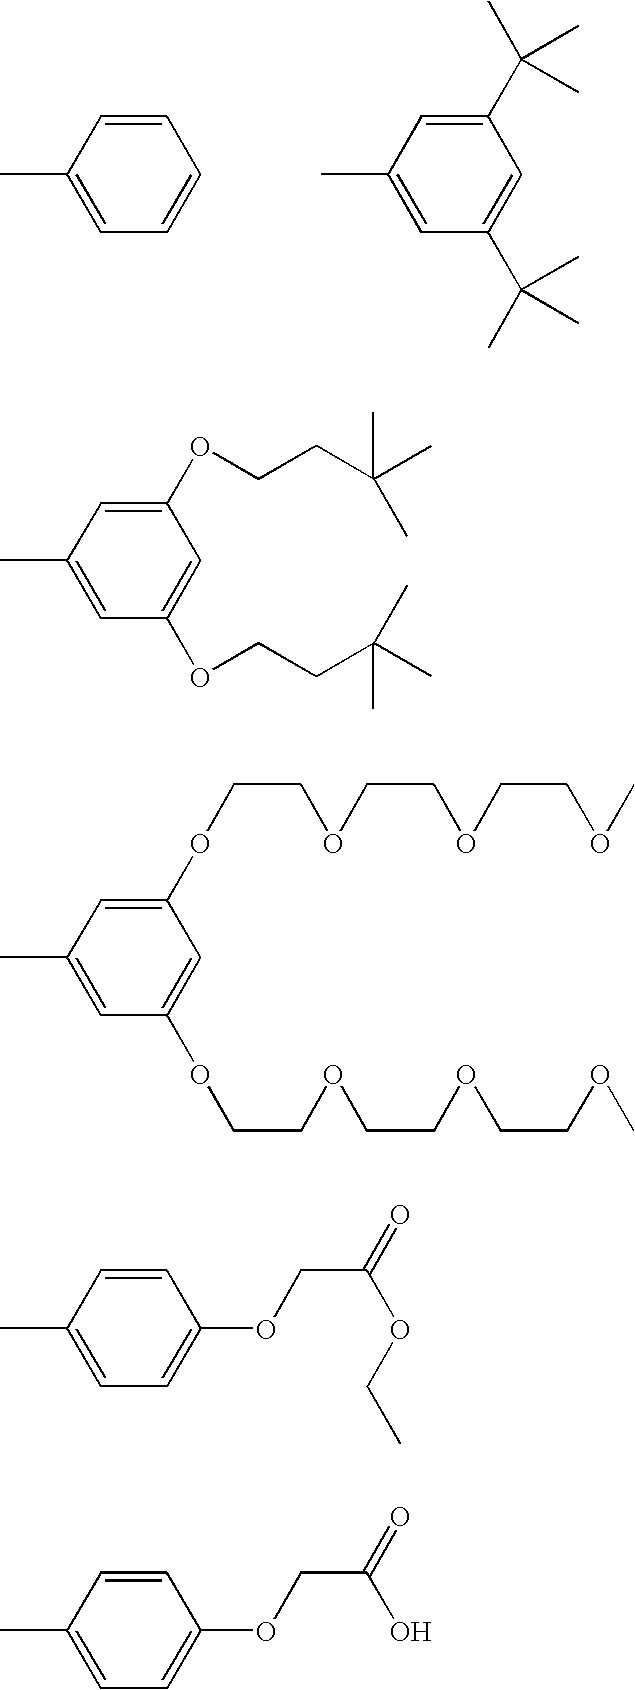 Figure US20050019265A1-20050127-C00003